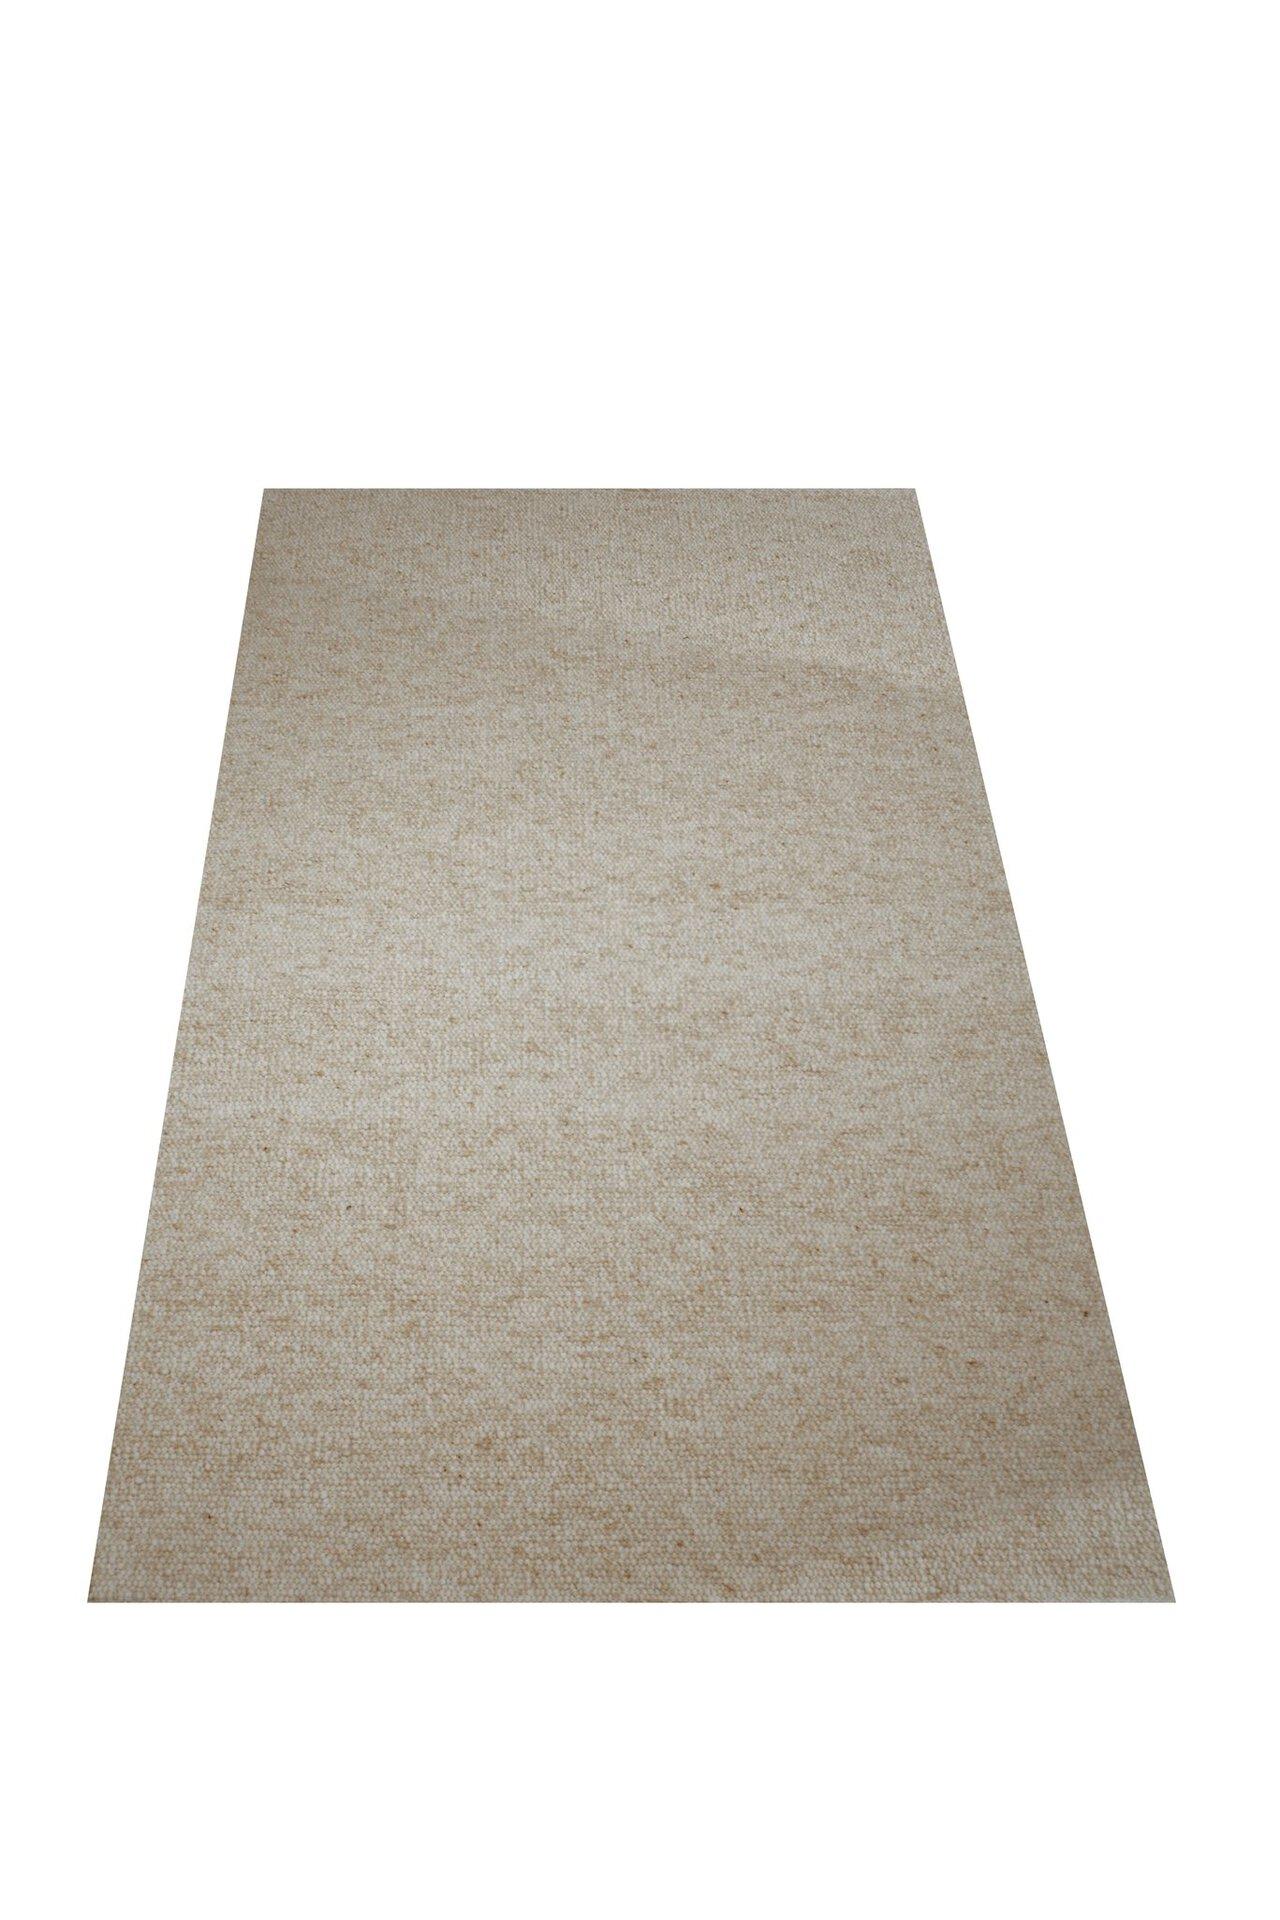 Handwebteppich Alpina Allgäuer Teppichmanufaktur Textil beige